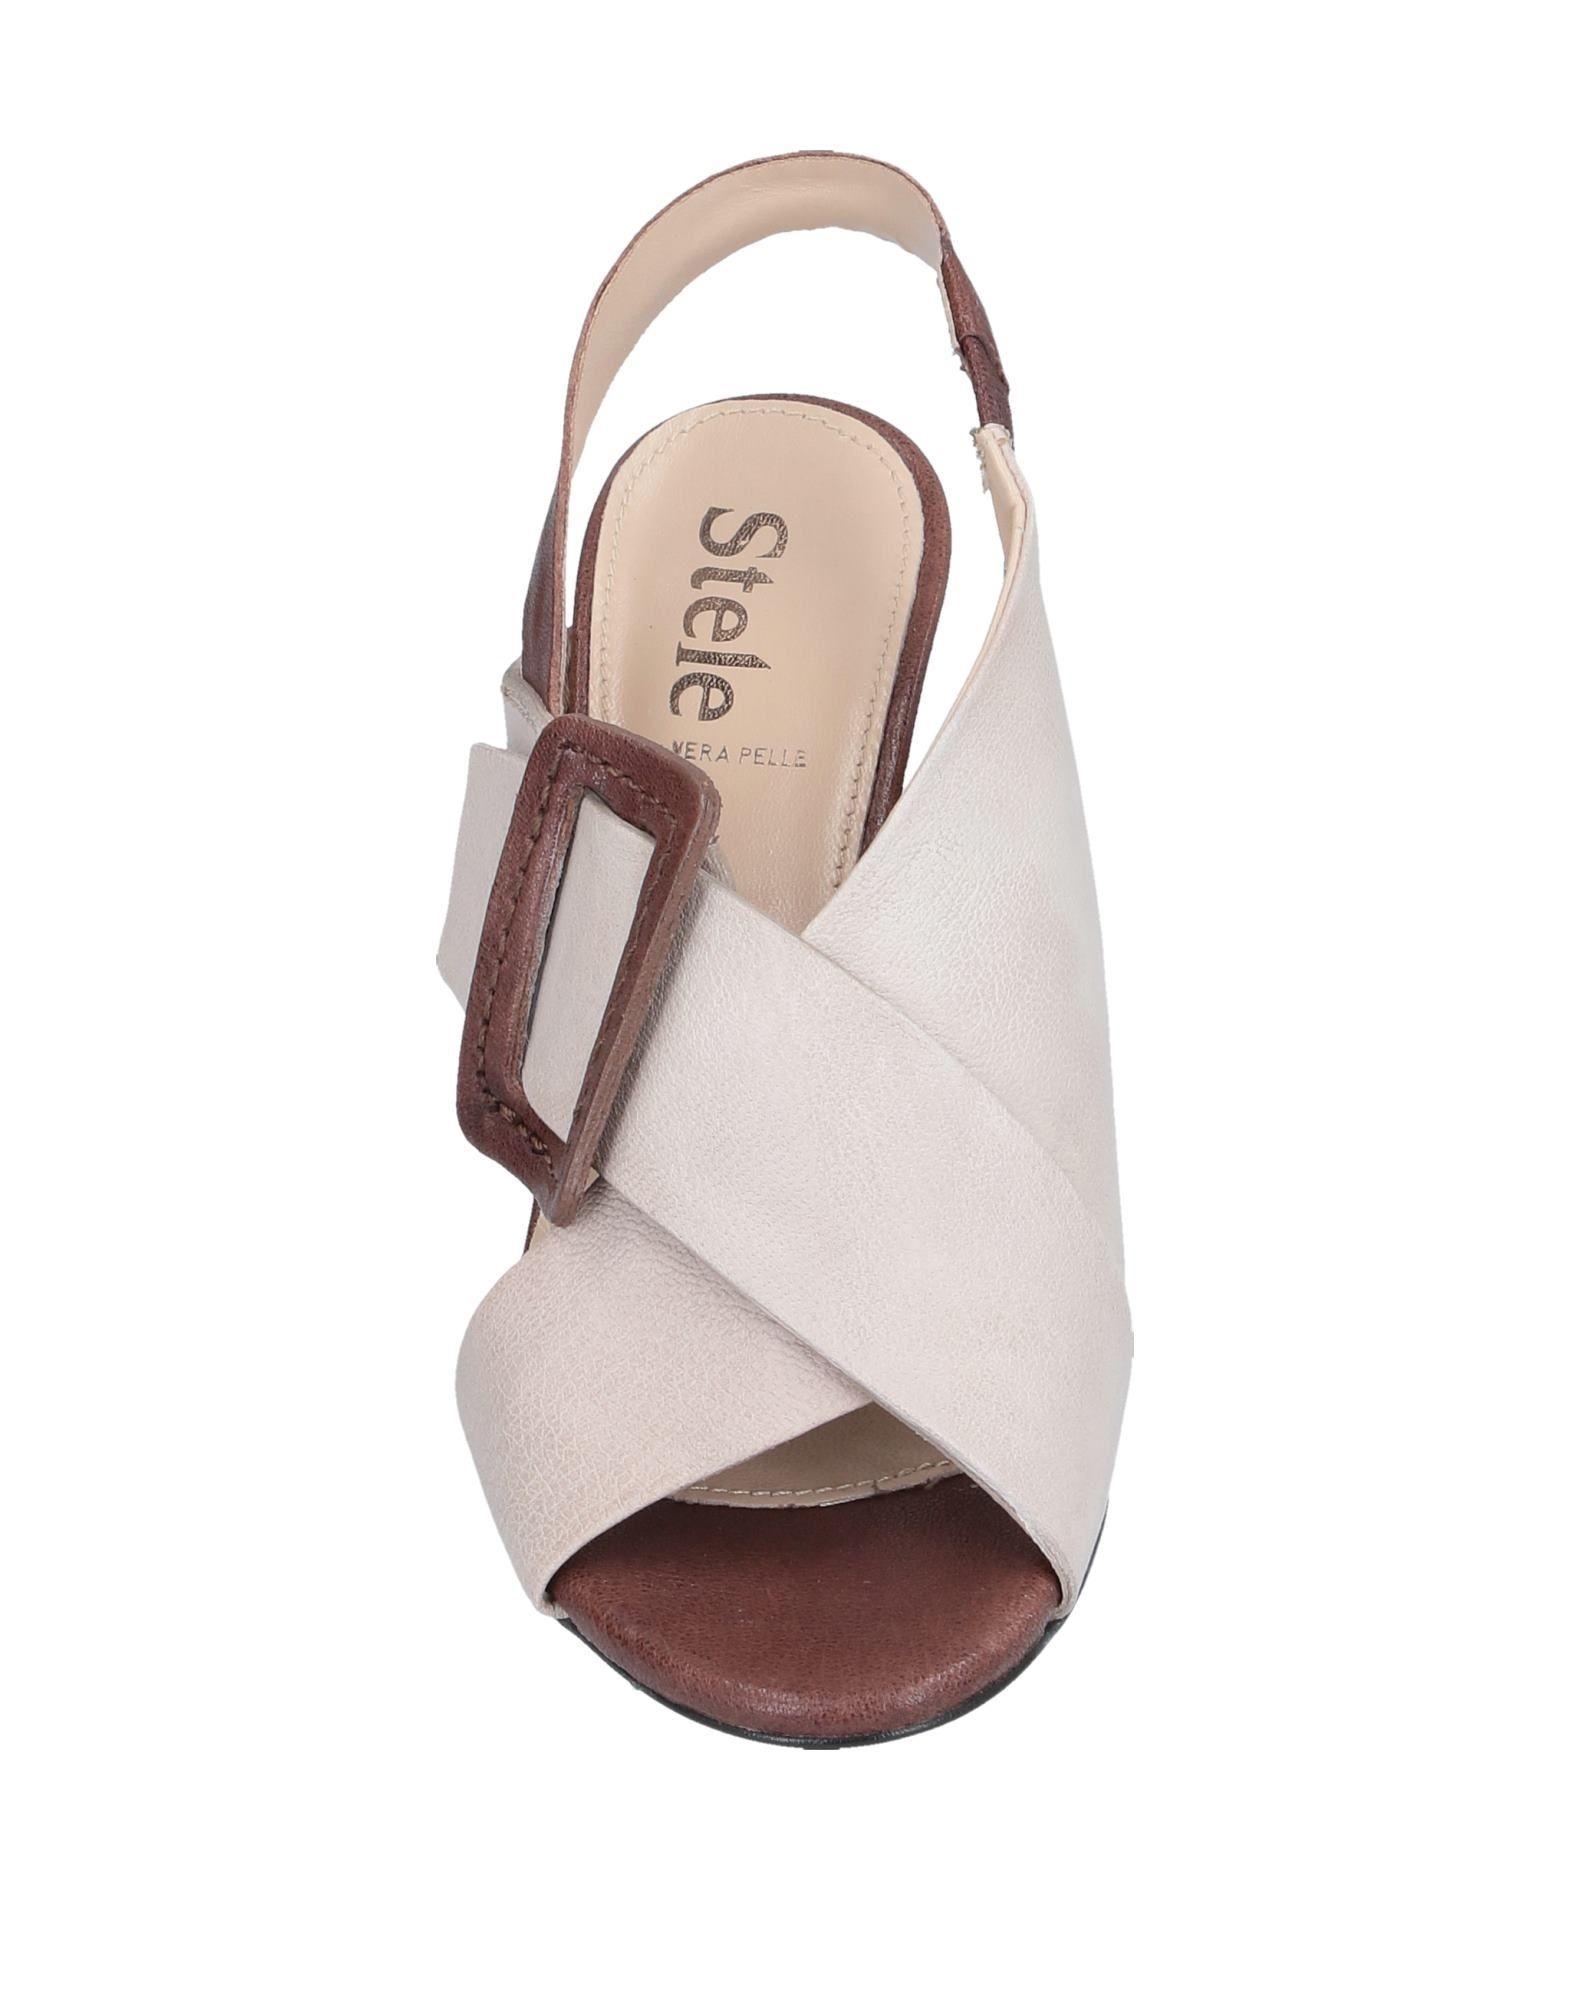 Sandales Stele en coloris Neutre